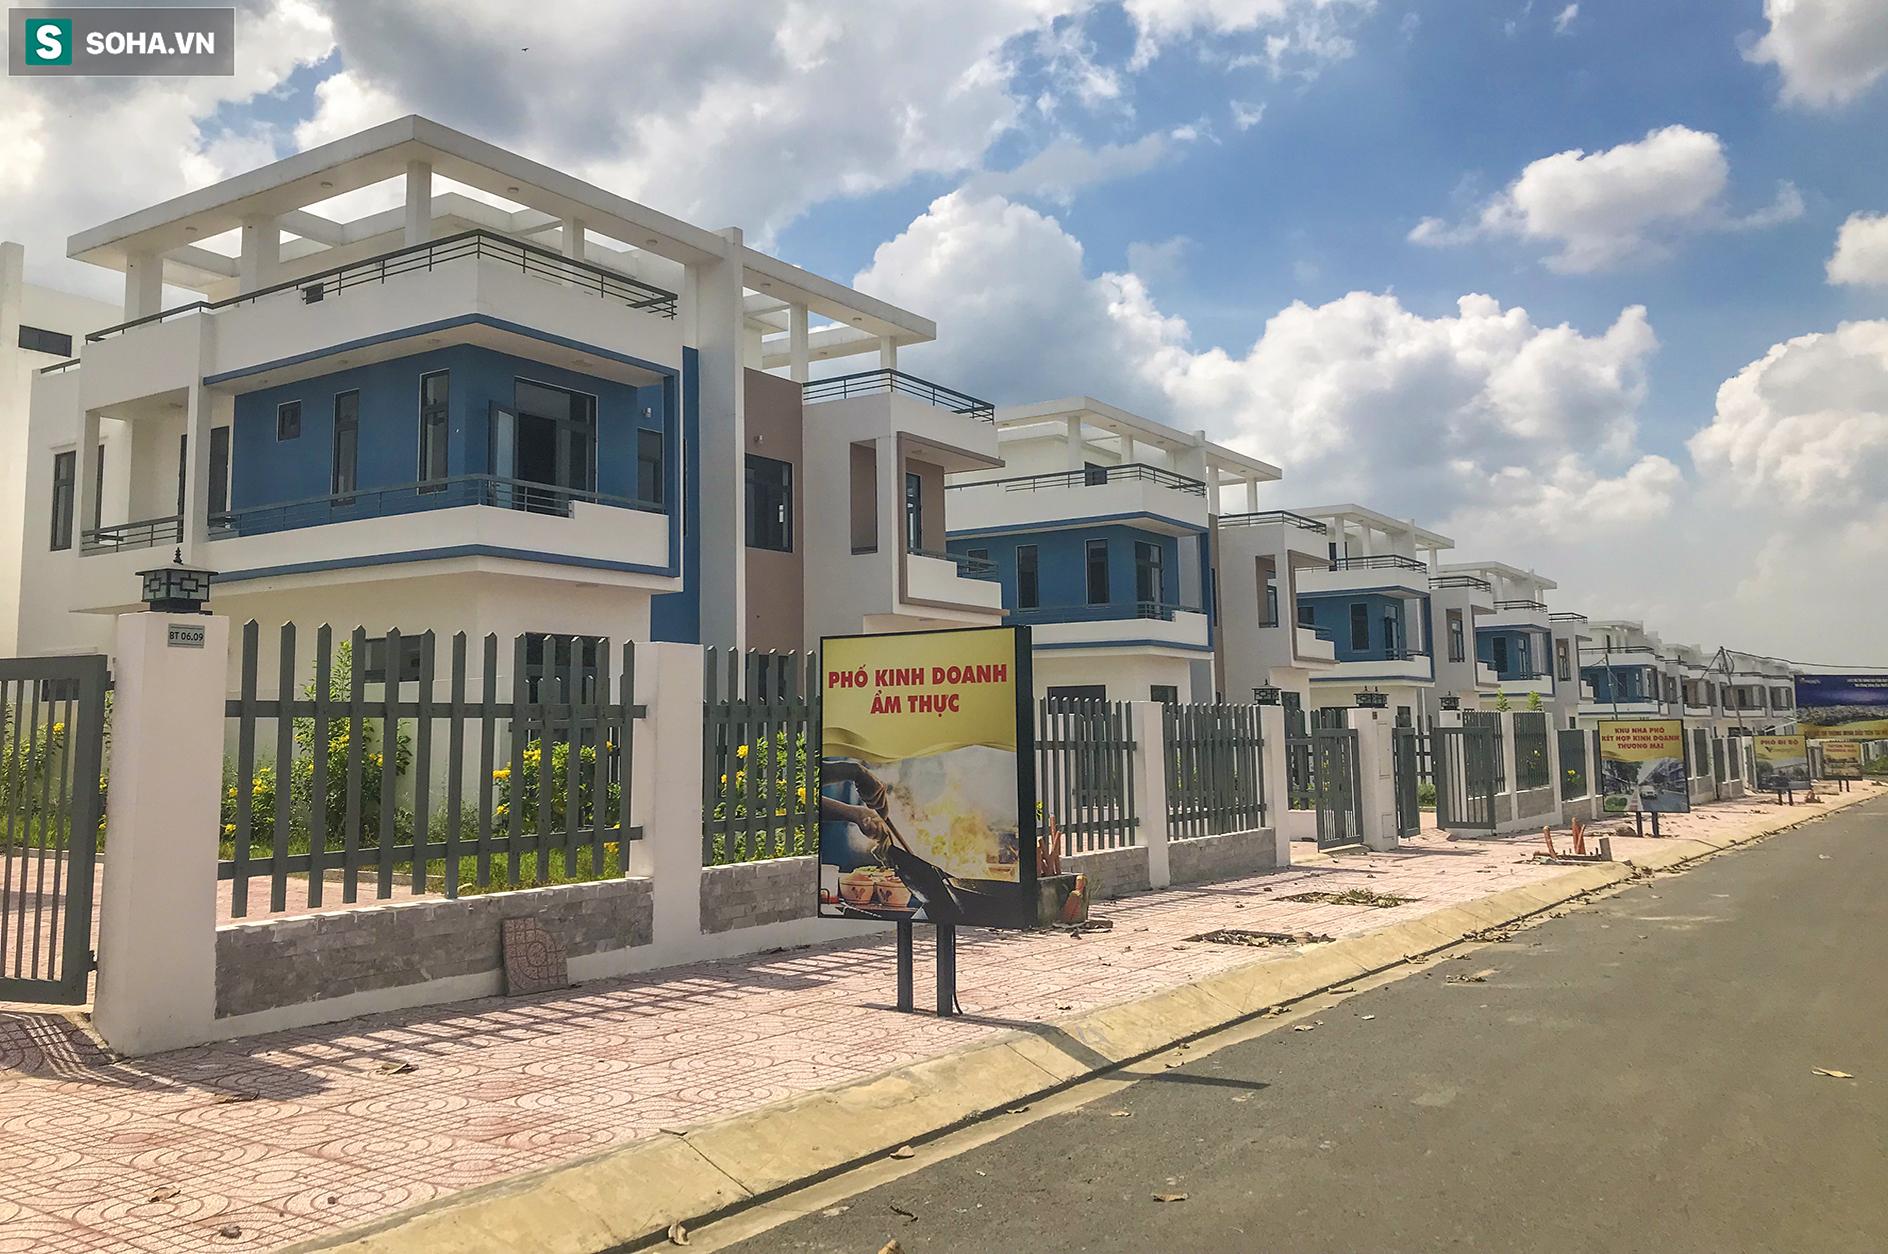 [Ảnh] Cận cảnh dự án với gần 700 căn nhà trái phép, được quảng cáo là đô thị thông minh đầu tiên tại Việt Nam - Ảnh 8.